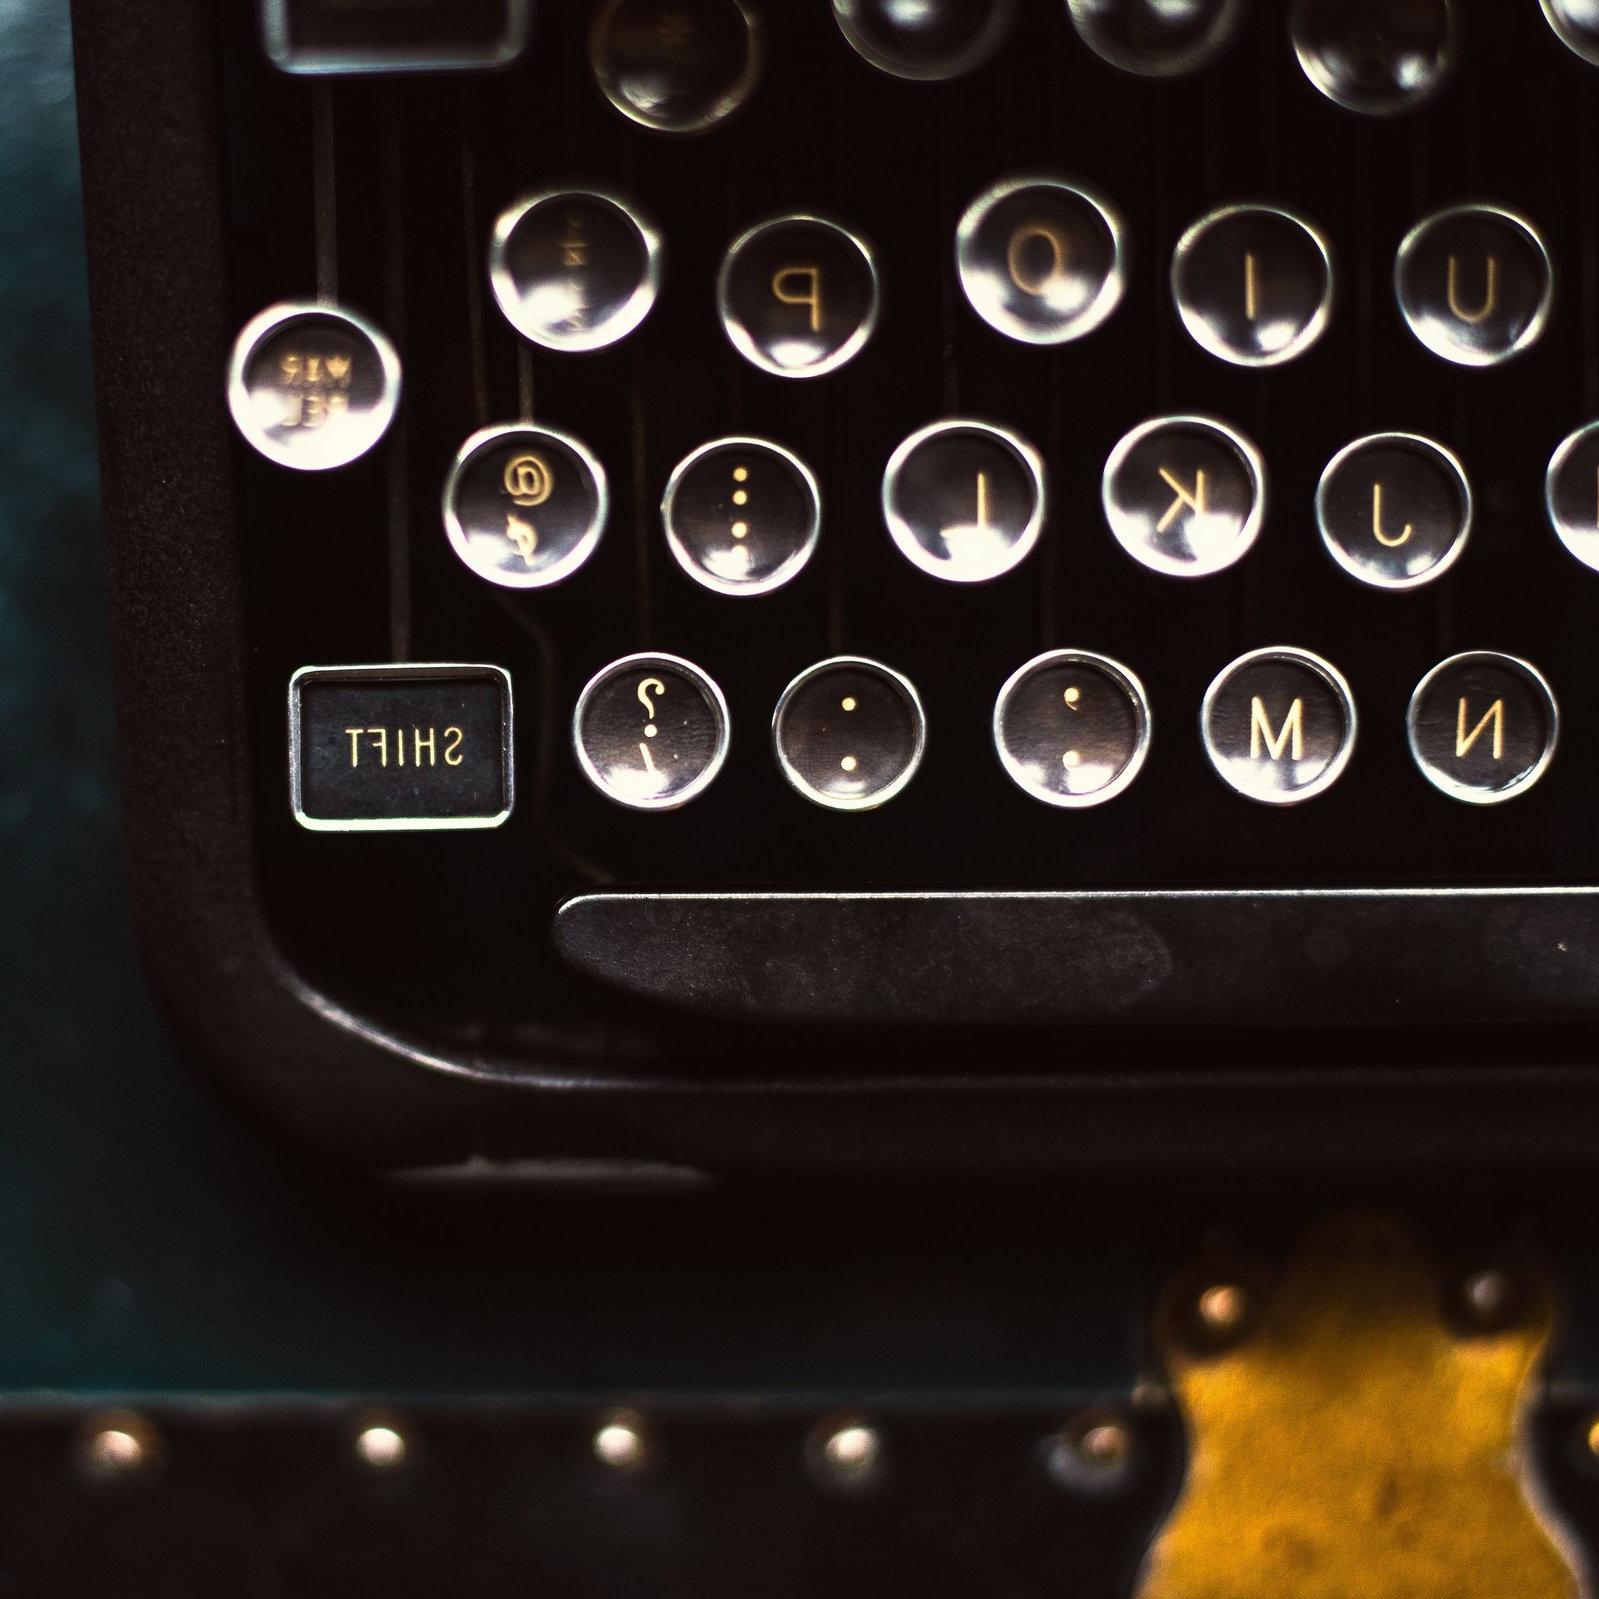 shift-key-on-typewriter.jpg